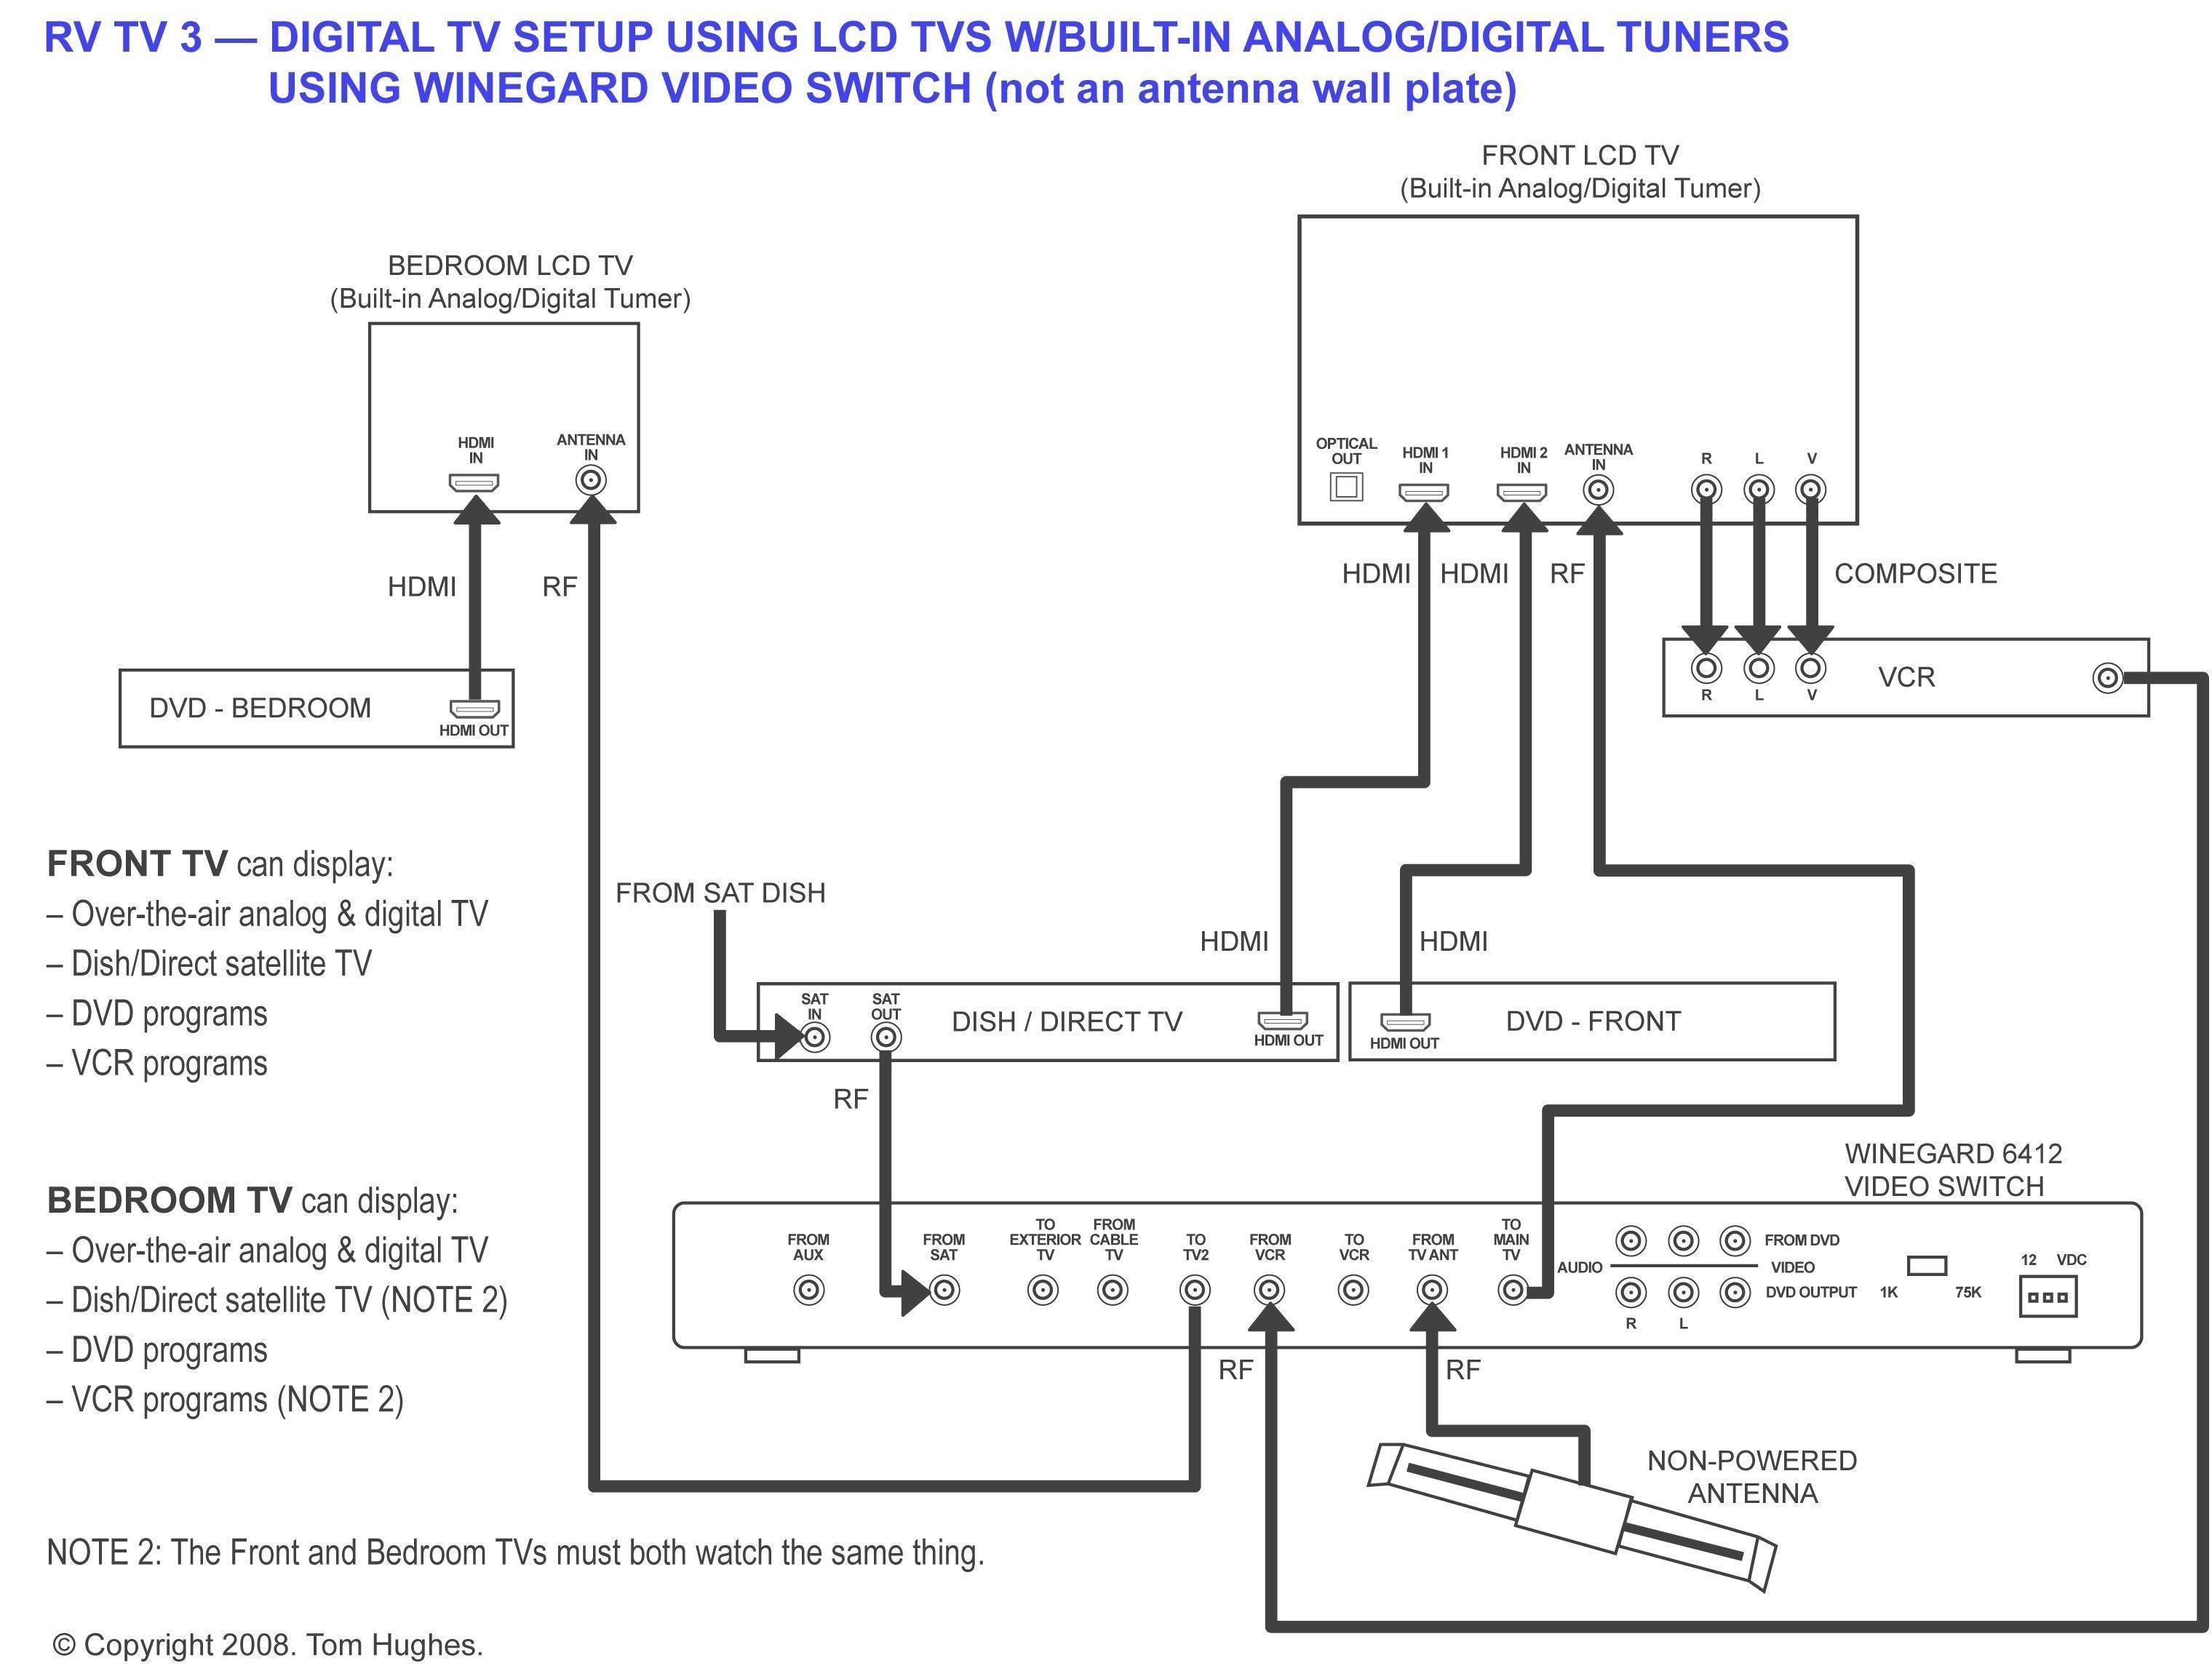 directv genie wiring diagram free downloads swm16 8dvr deca directv inside directv swm 16 wiring diagram [ 3040 x 2297 Pixel ]